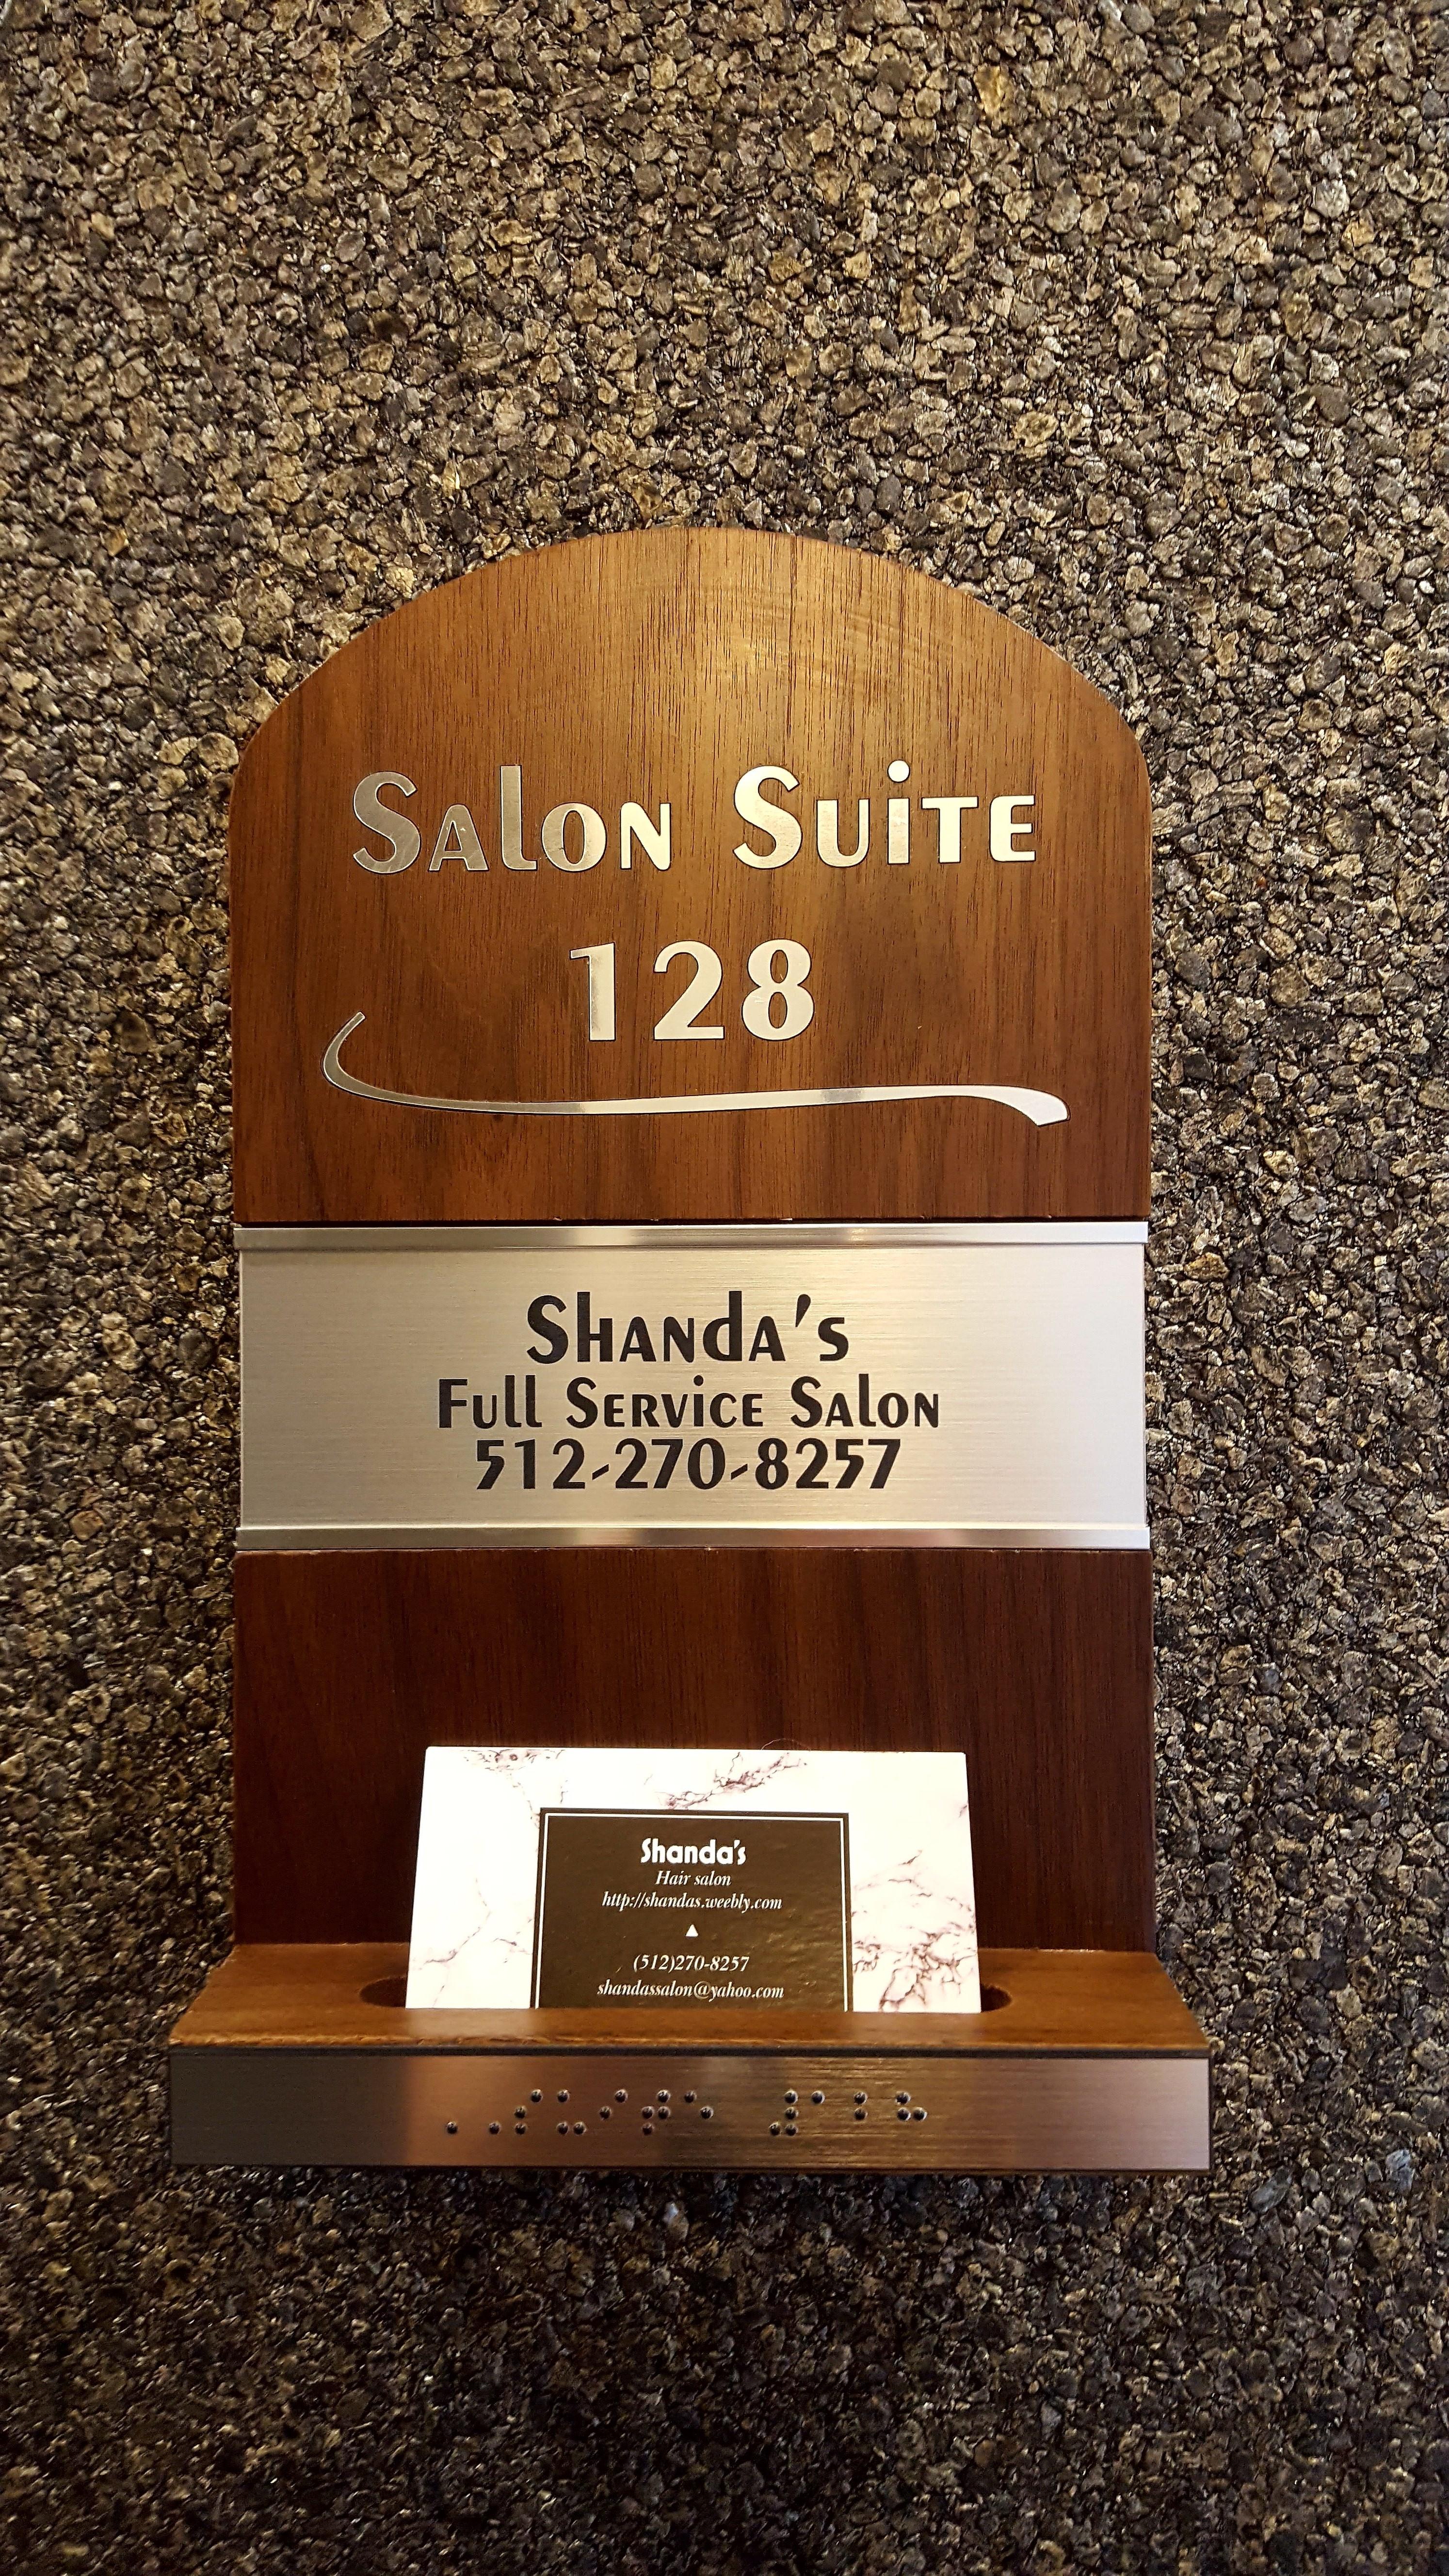 Shanda's